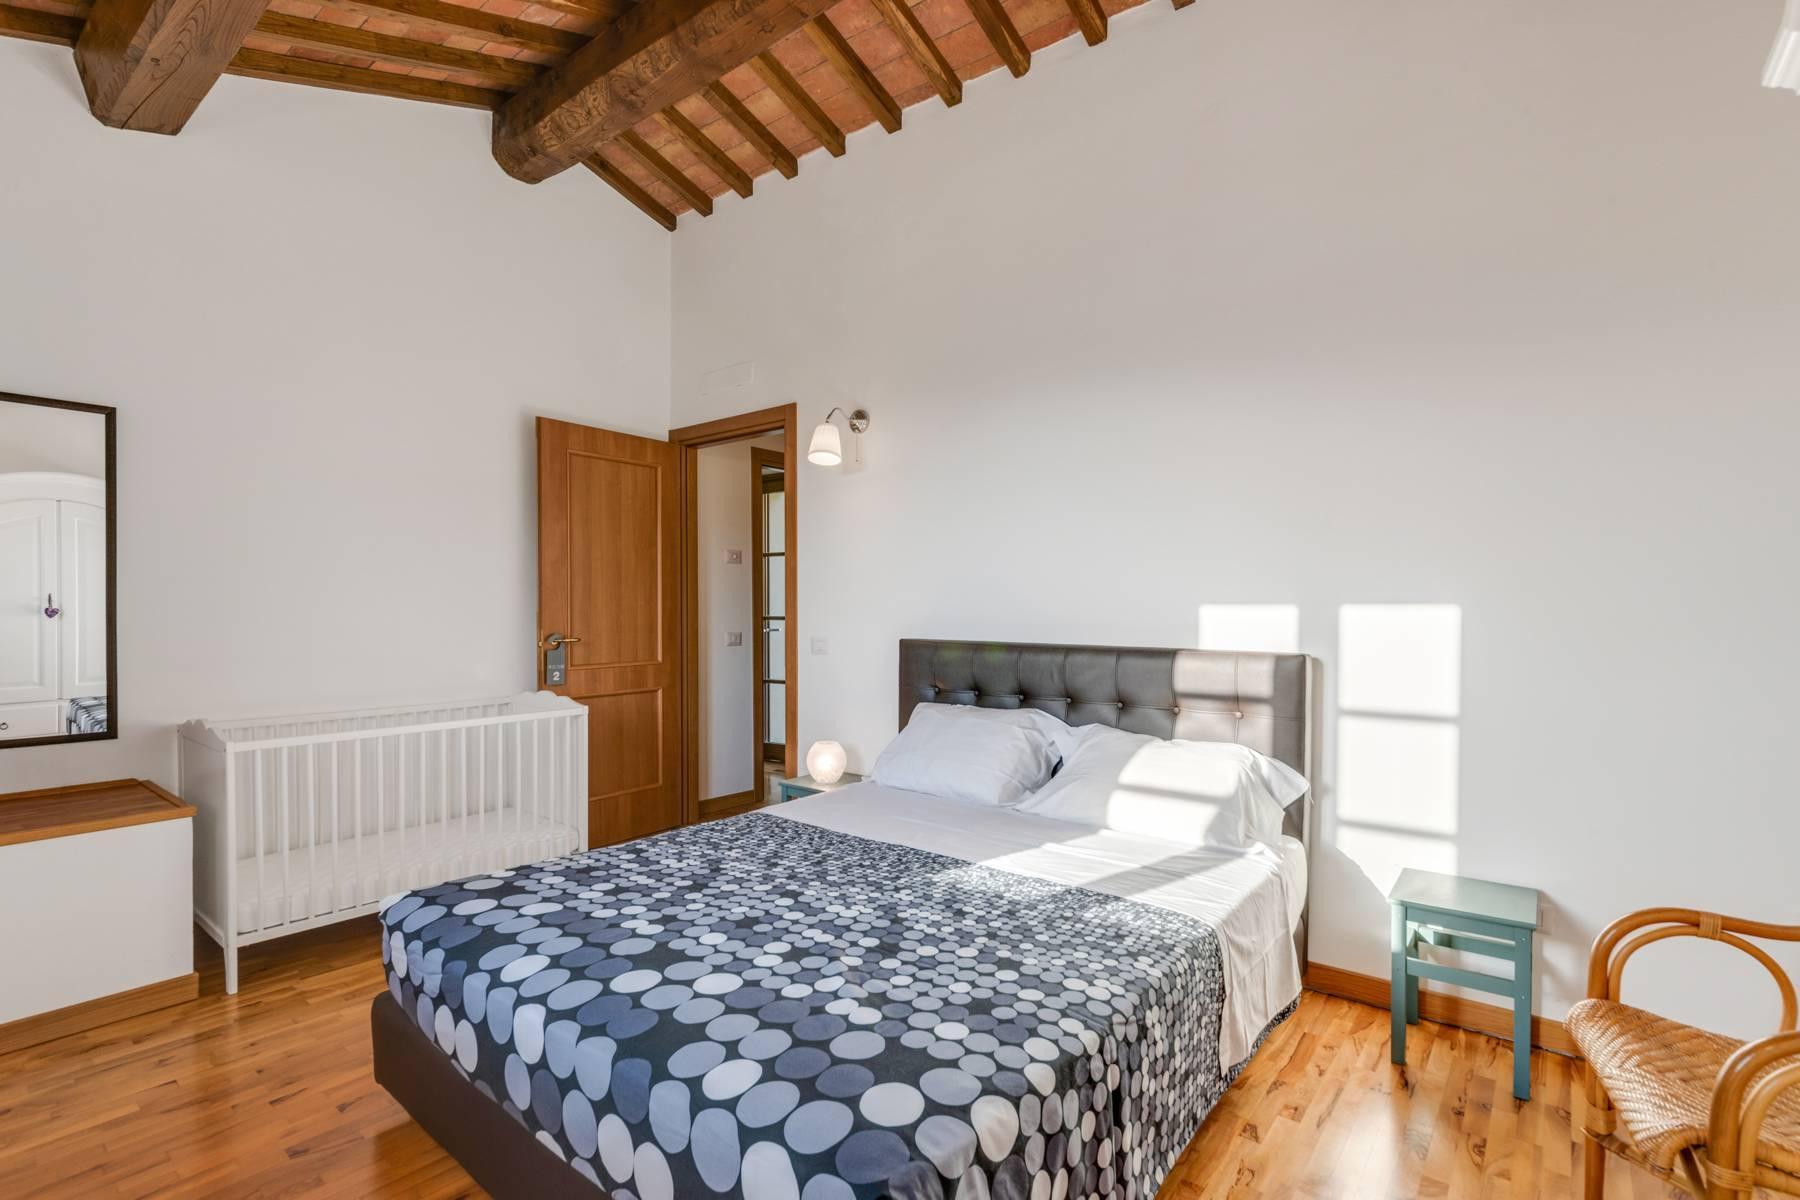 Charmante maison de campagne avec piscine sur les collines toscanes - 10